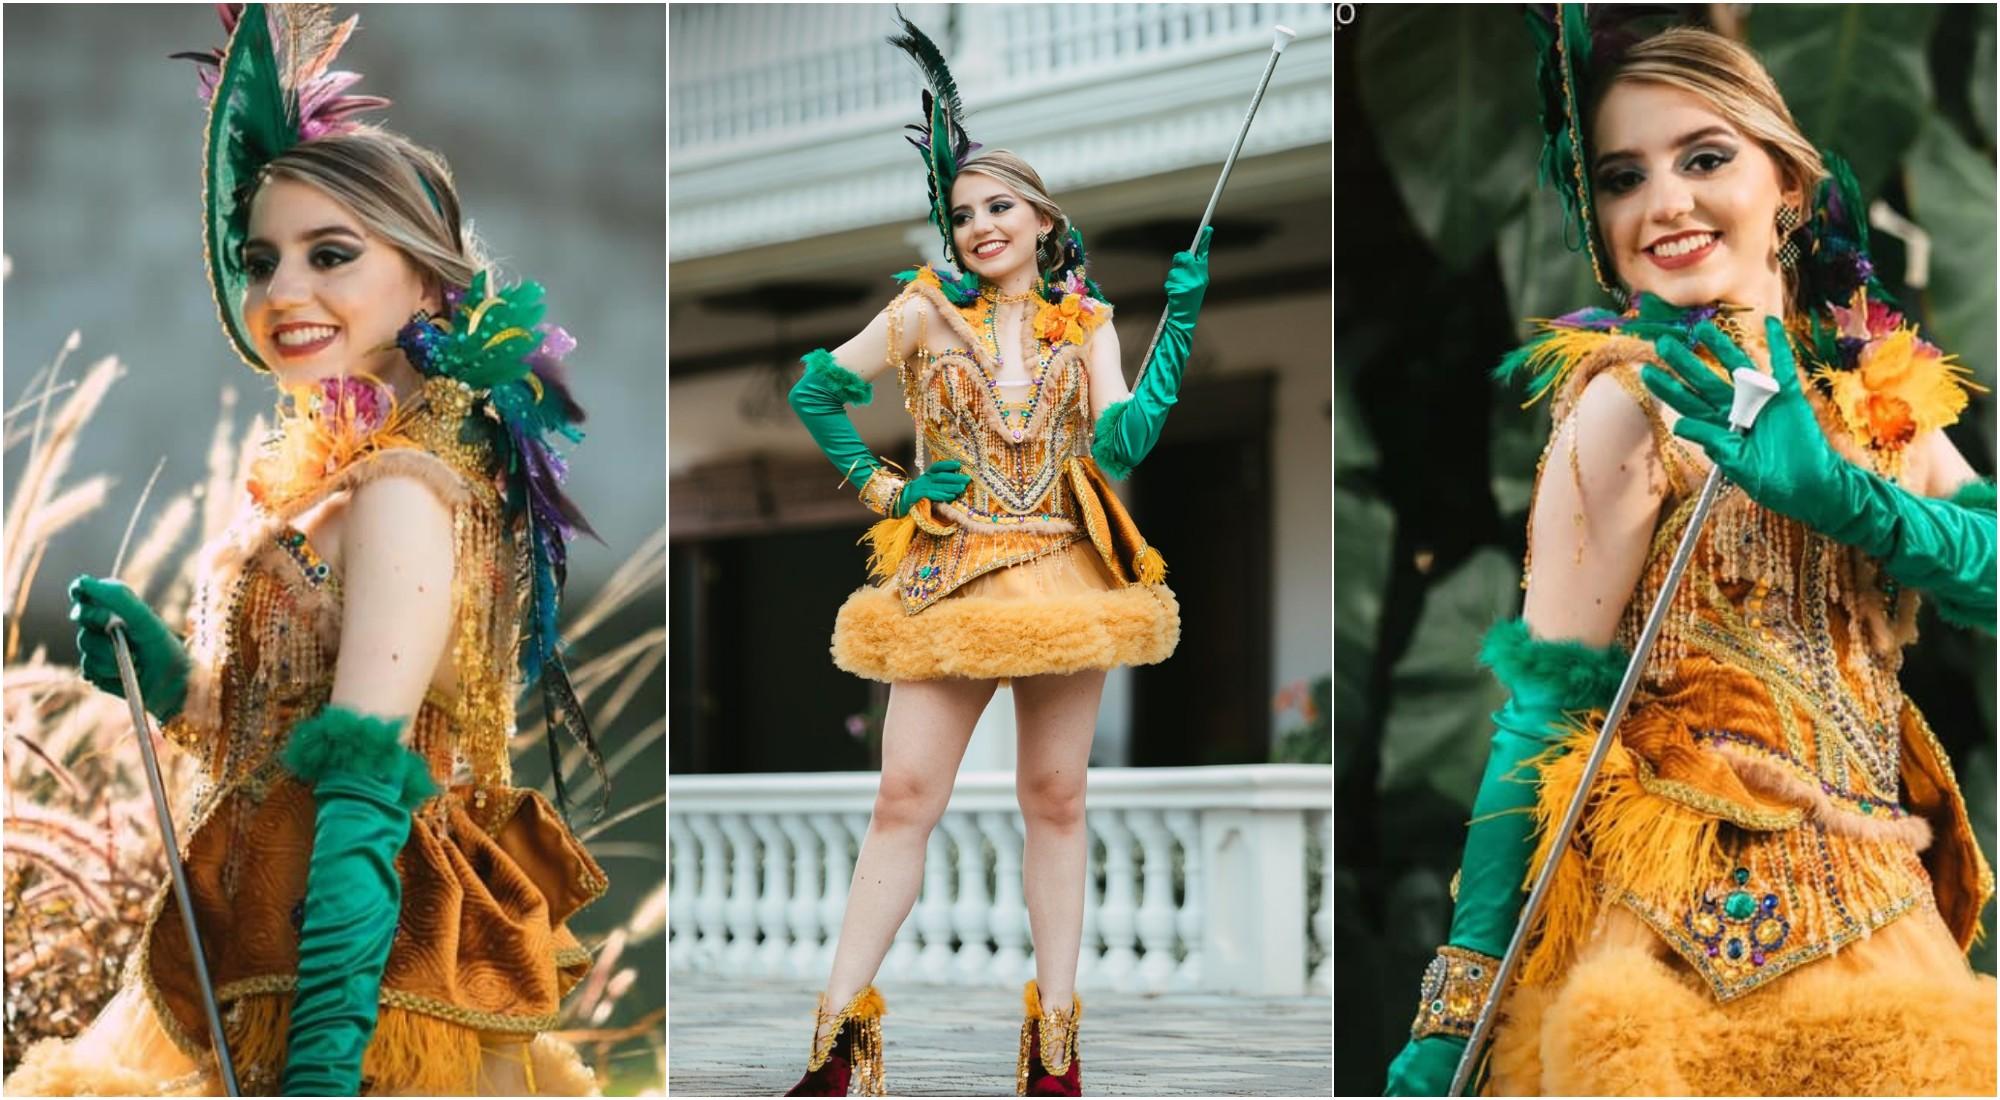 Palillona luce un hermoso traje inspirado en el colibrí esmeralda